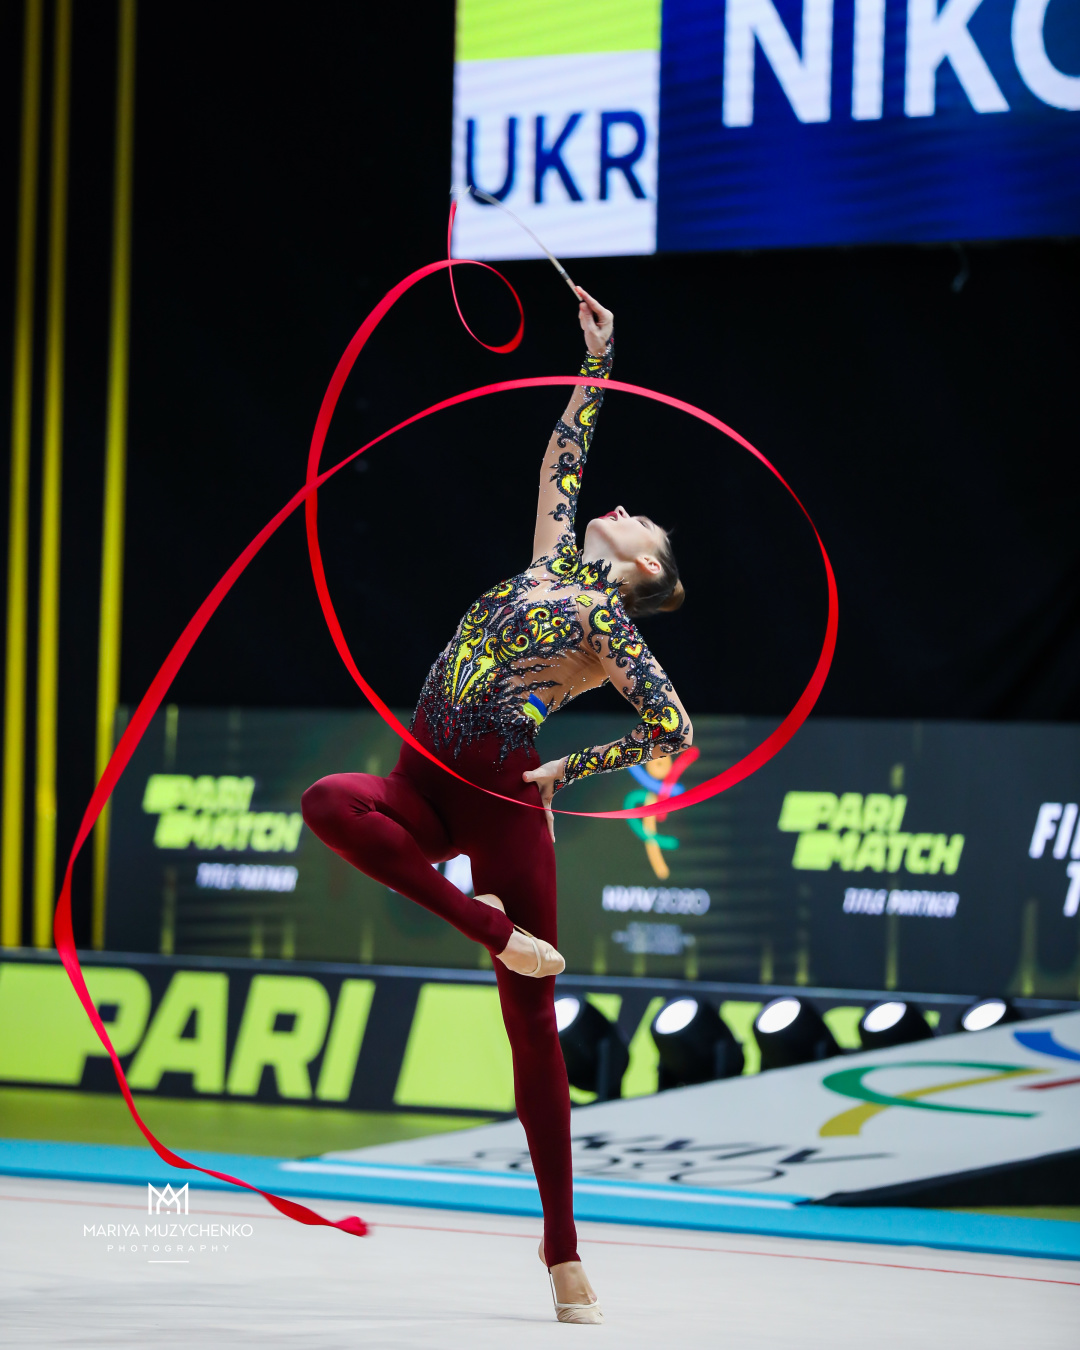 Збірна України з художньої гімнастики на Чемпіонаті Європи завоювала три золоті медалі